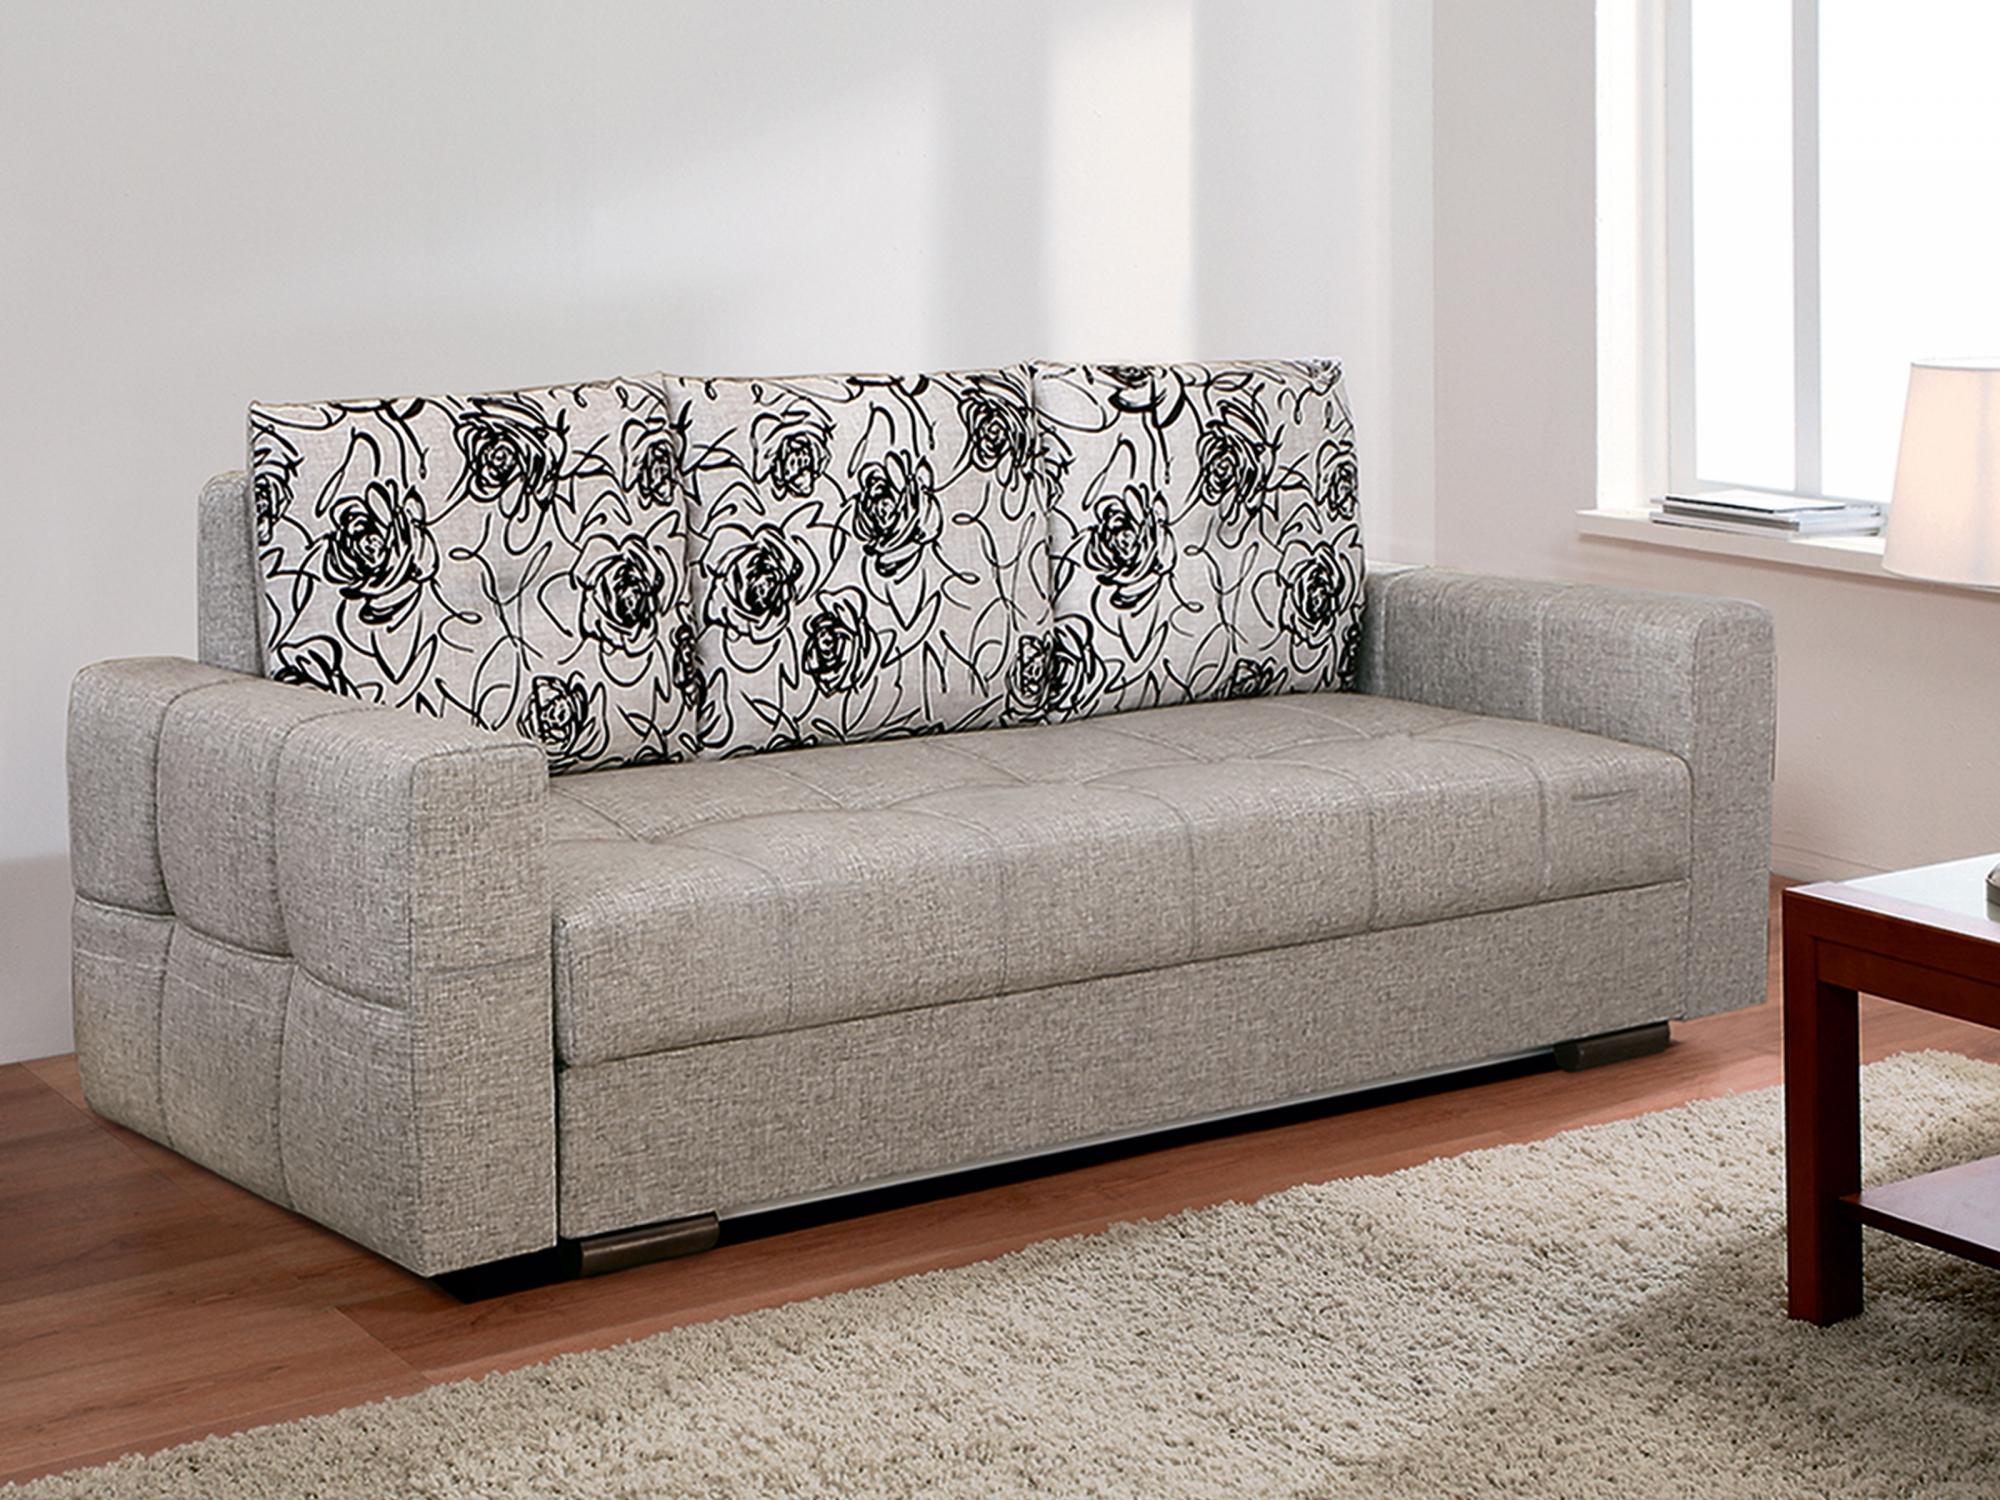 диван кровать лира комфорт с боковинами 1700 мм тик так купить